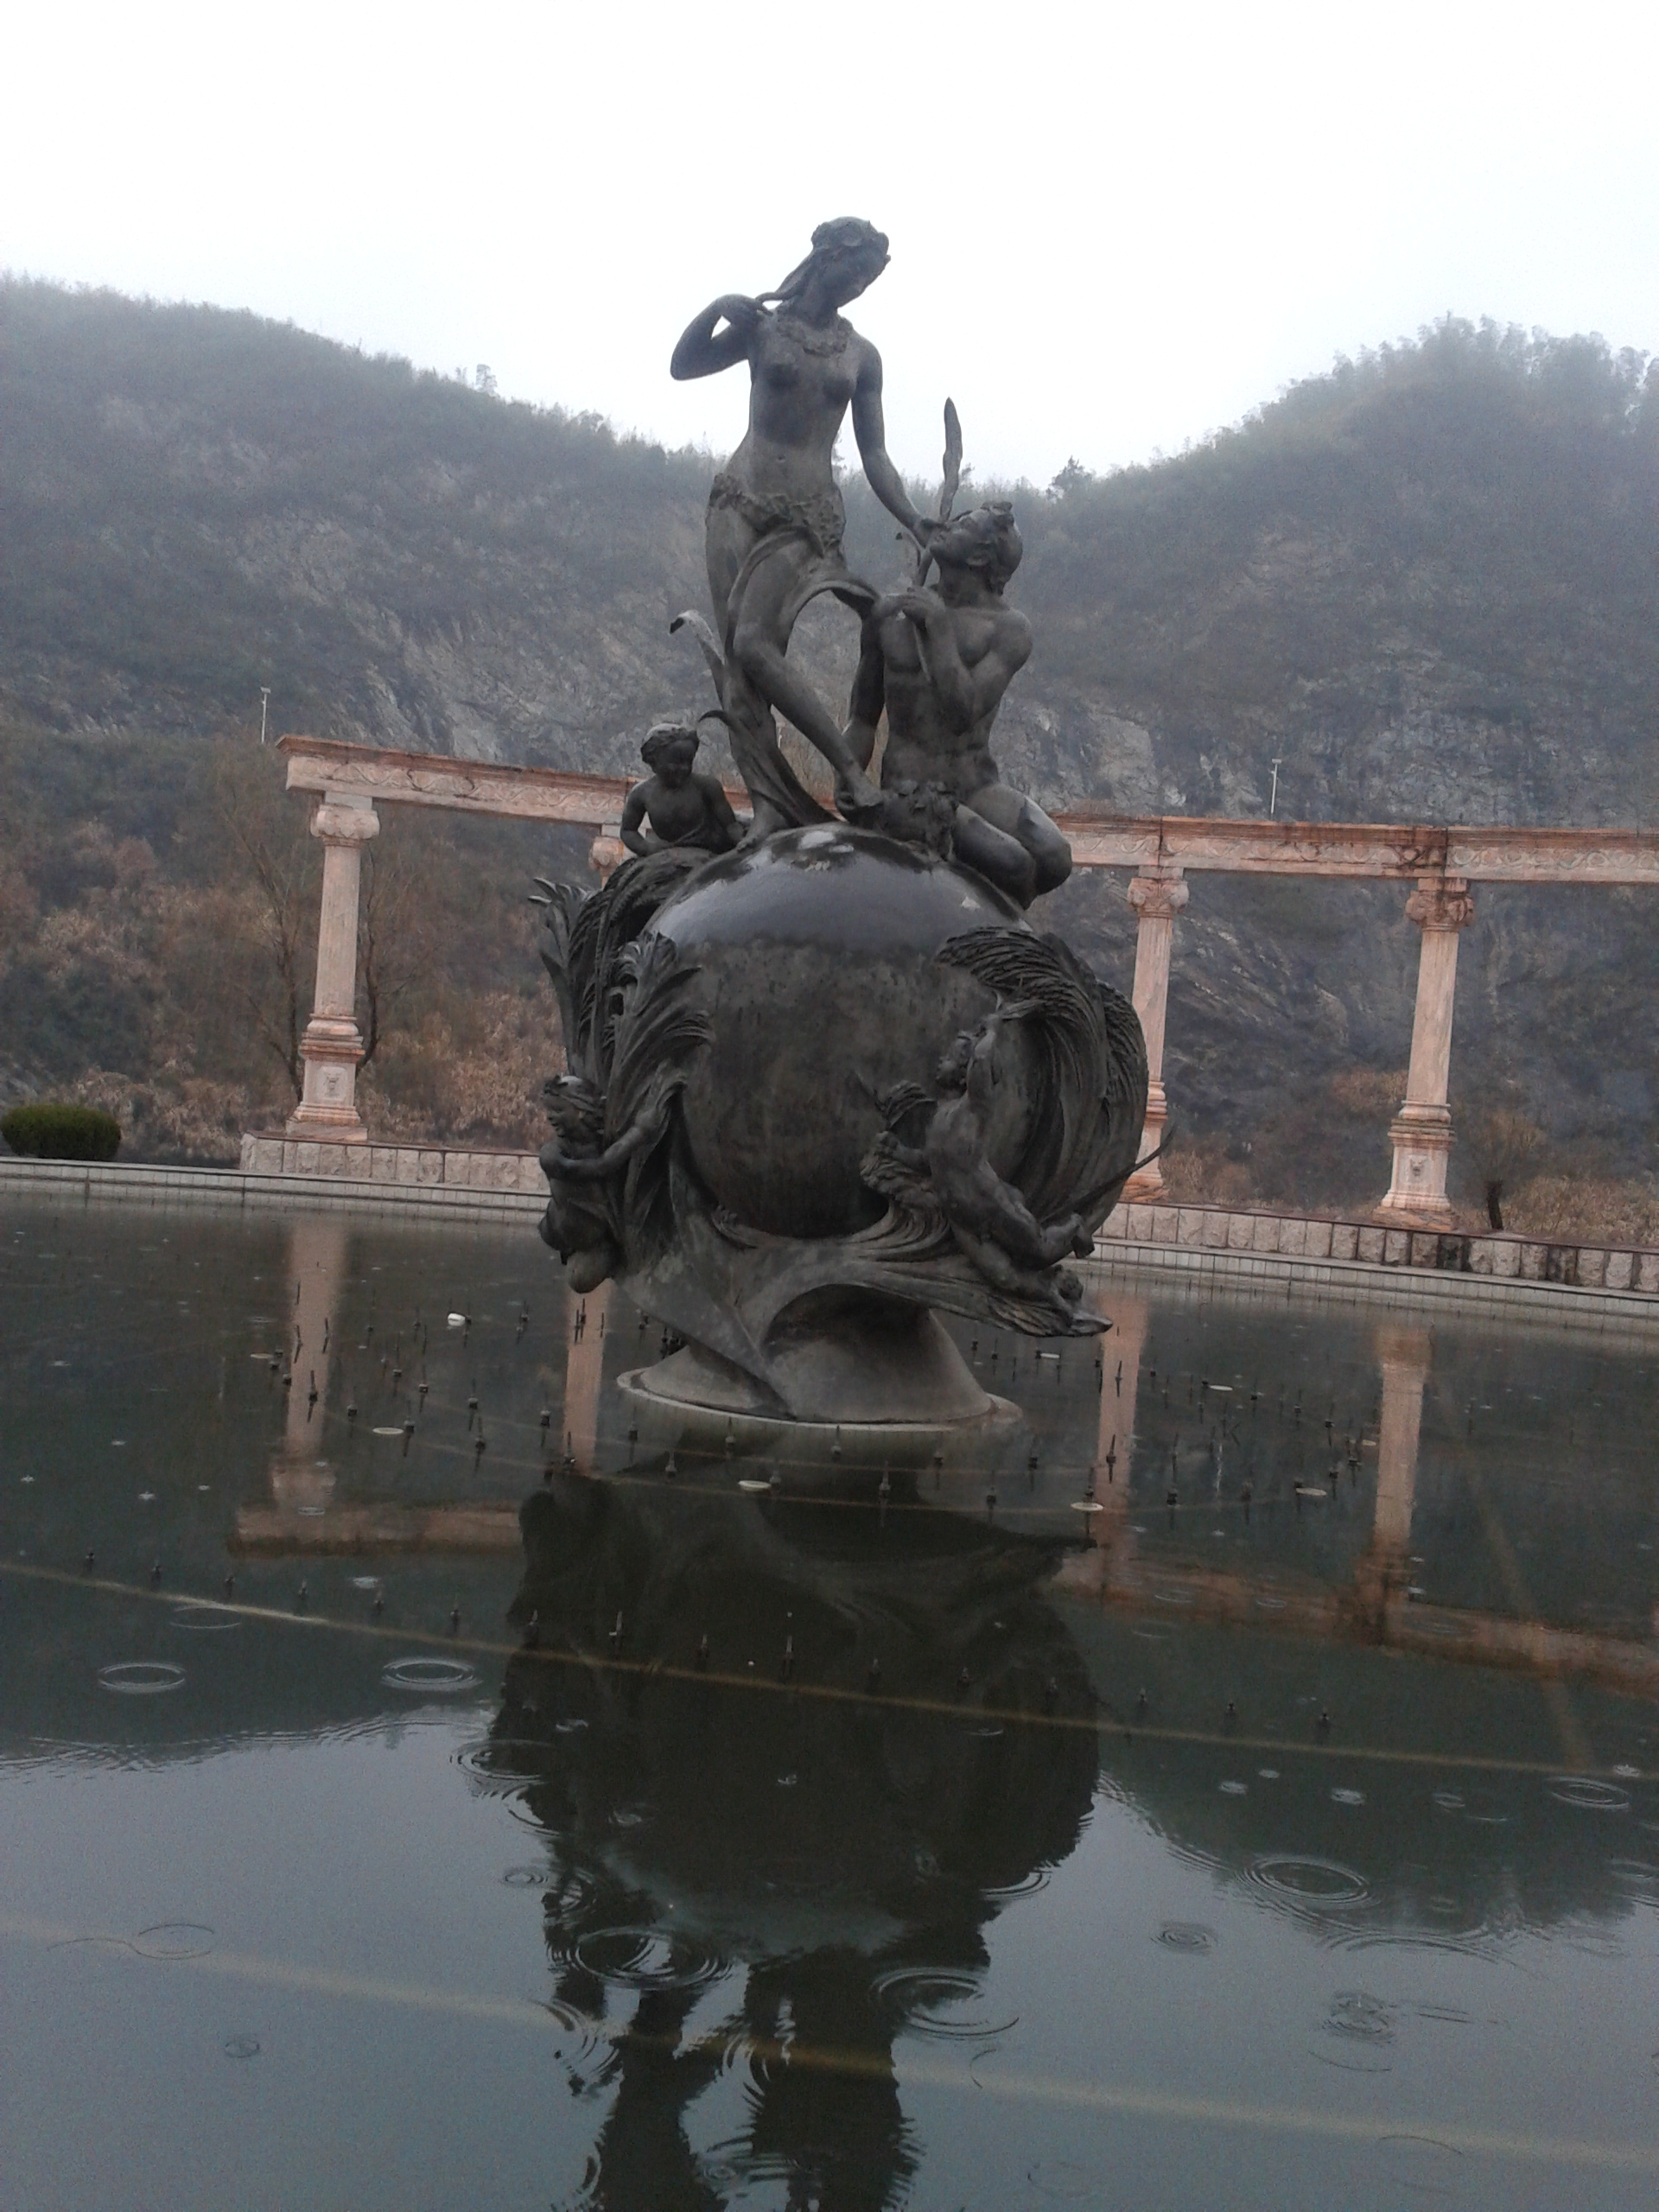 浅聊铸铜雕塑之艺术